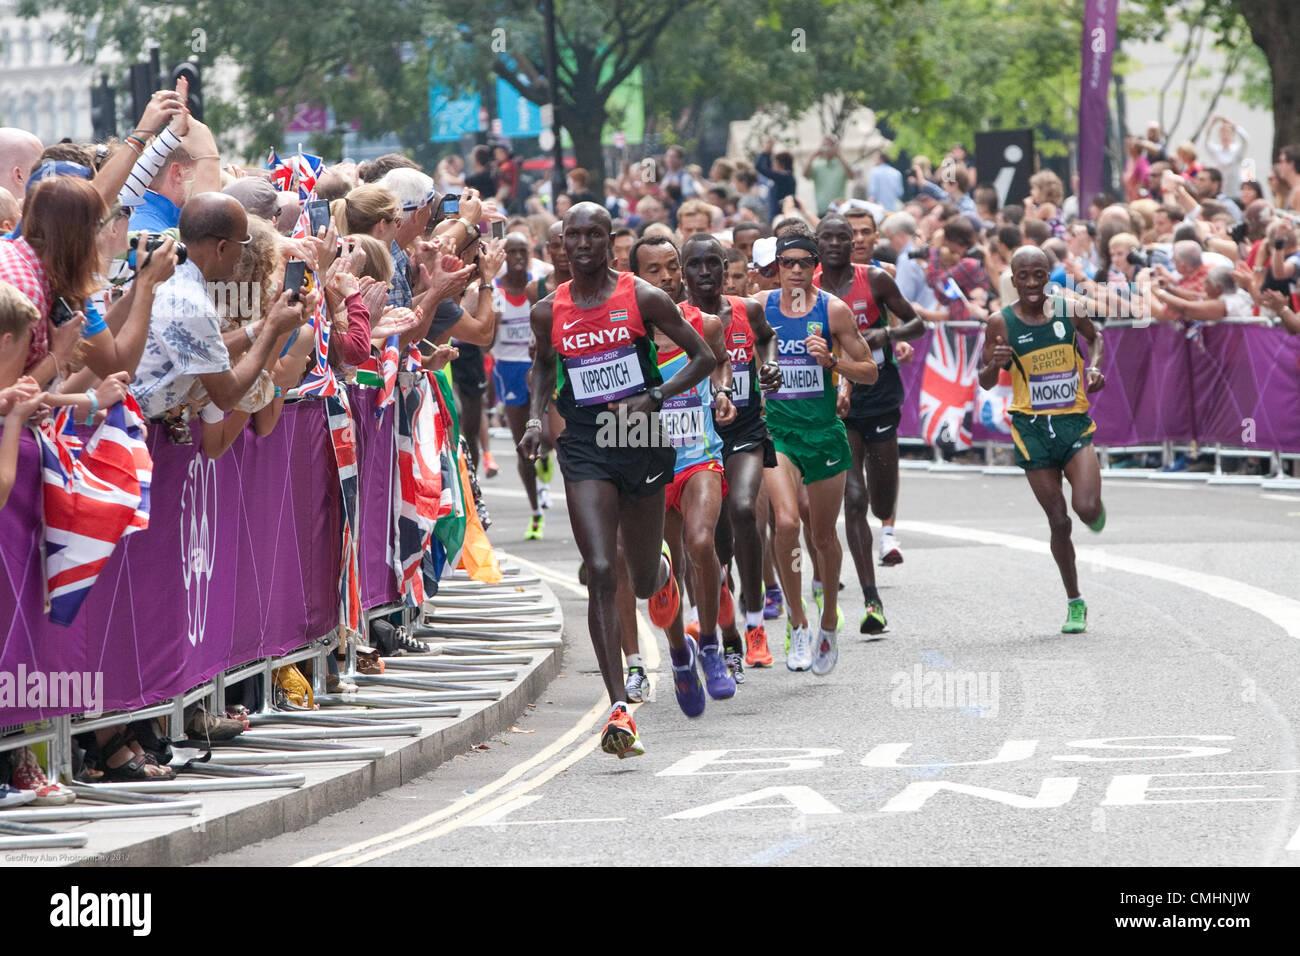 Folle allegria su come uomini della maratona passano da St. Pauls sagrato, City of London a mile 5, 1° giro. Immagini Stock